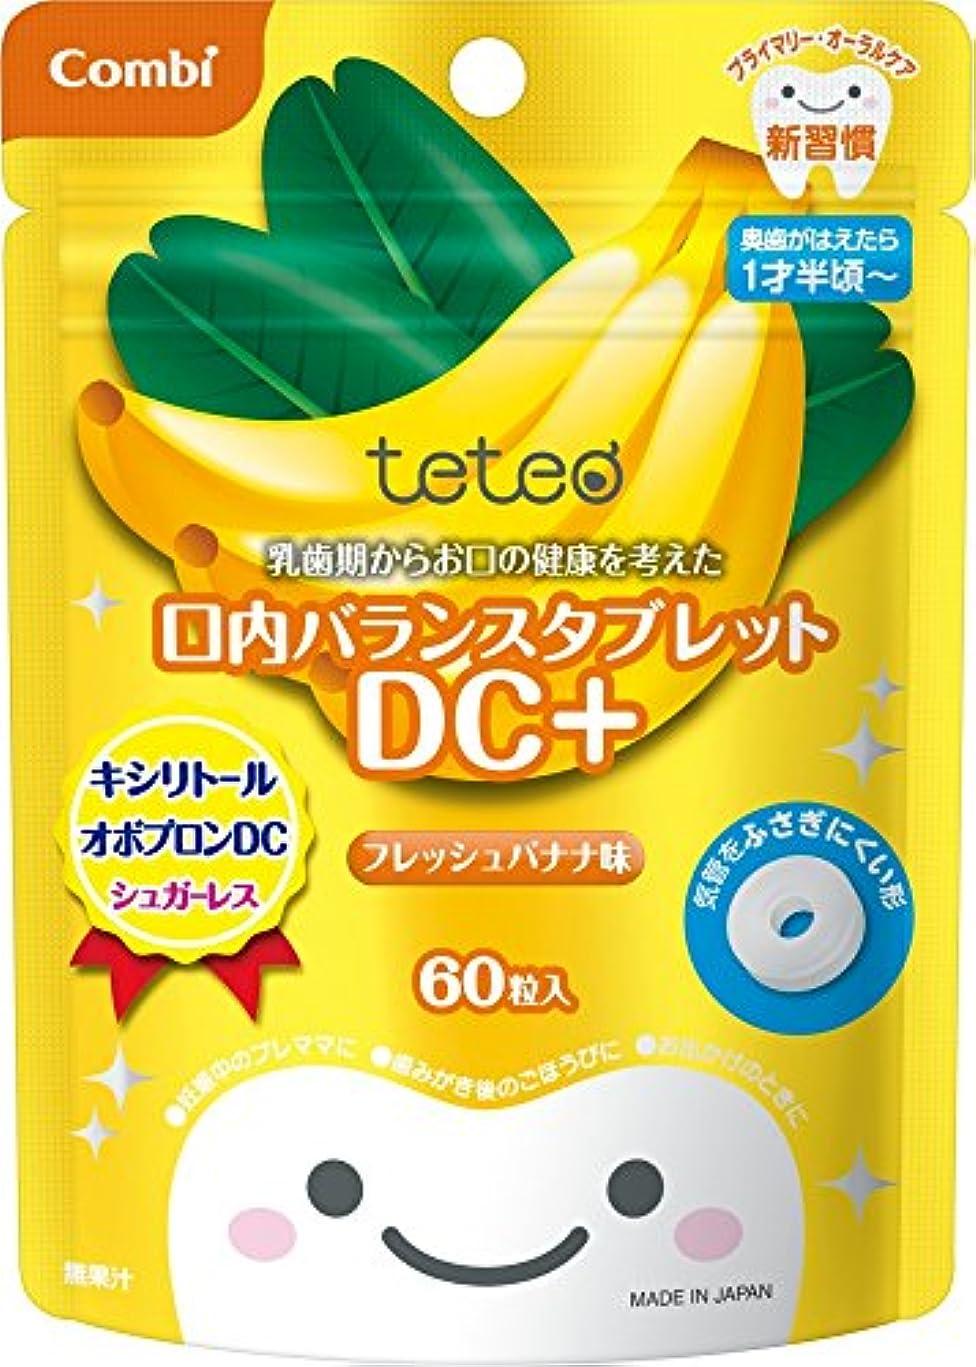 ホステス救い一定コンビ テテオ 乳歯期からお口の健康を考えた口内バランスタブレット DC+ フレッシュバナナ味 60粒 【対象月齢:1才半頃~】